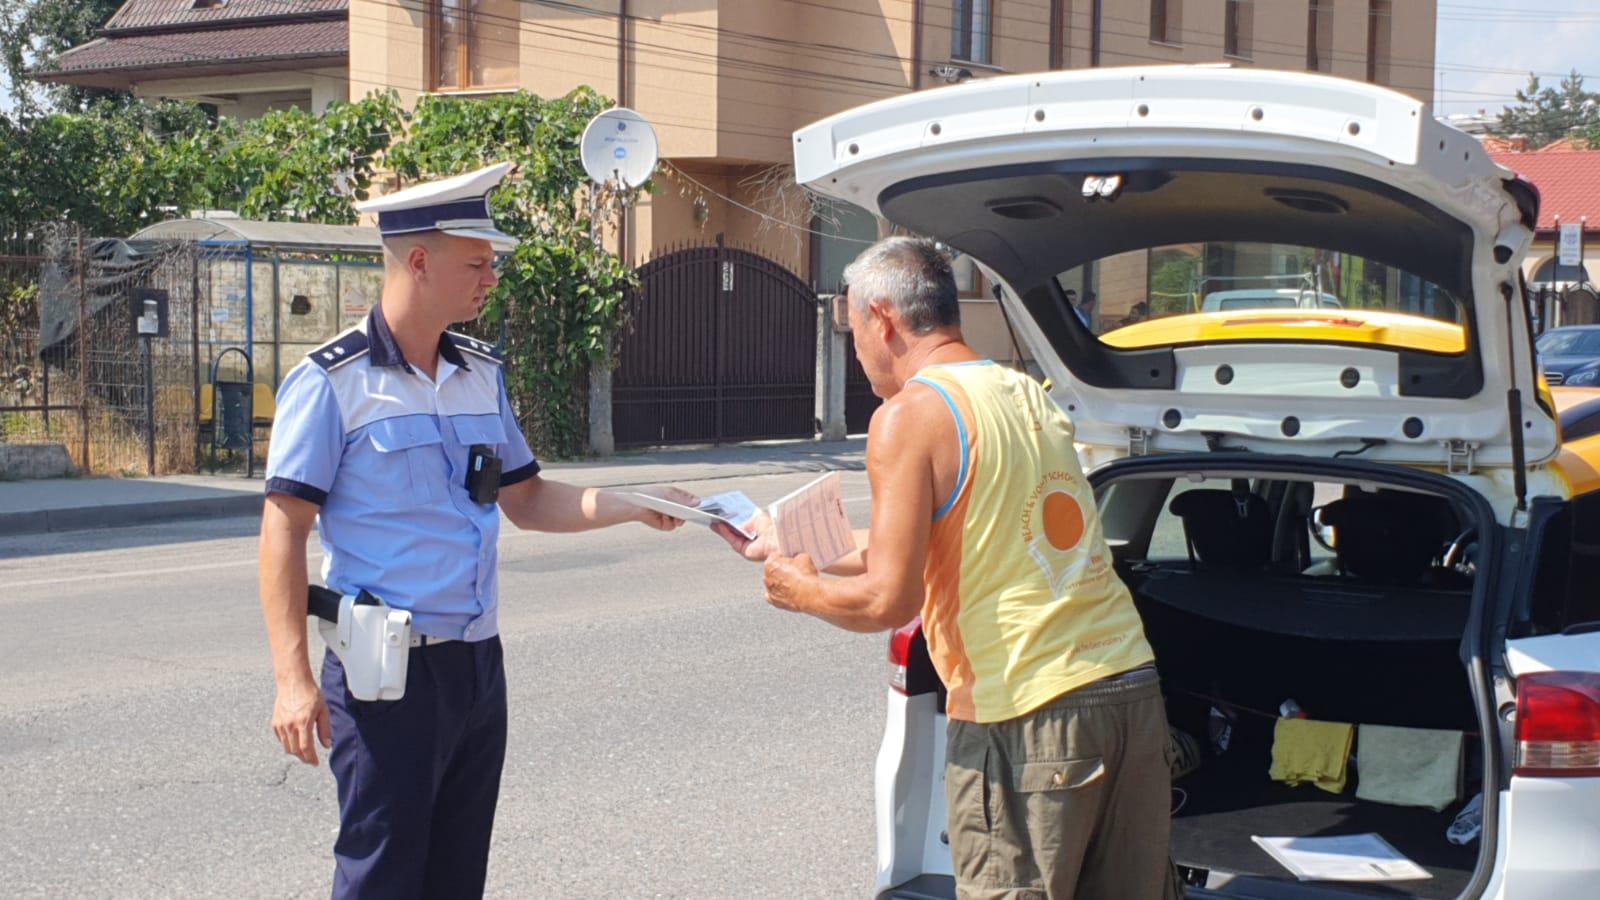 Într-o singură săptămână, polițiștii rutieri au aplicat 454 de sancțiuni în trafic